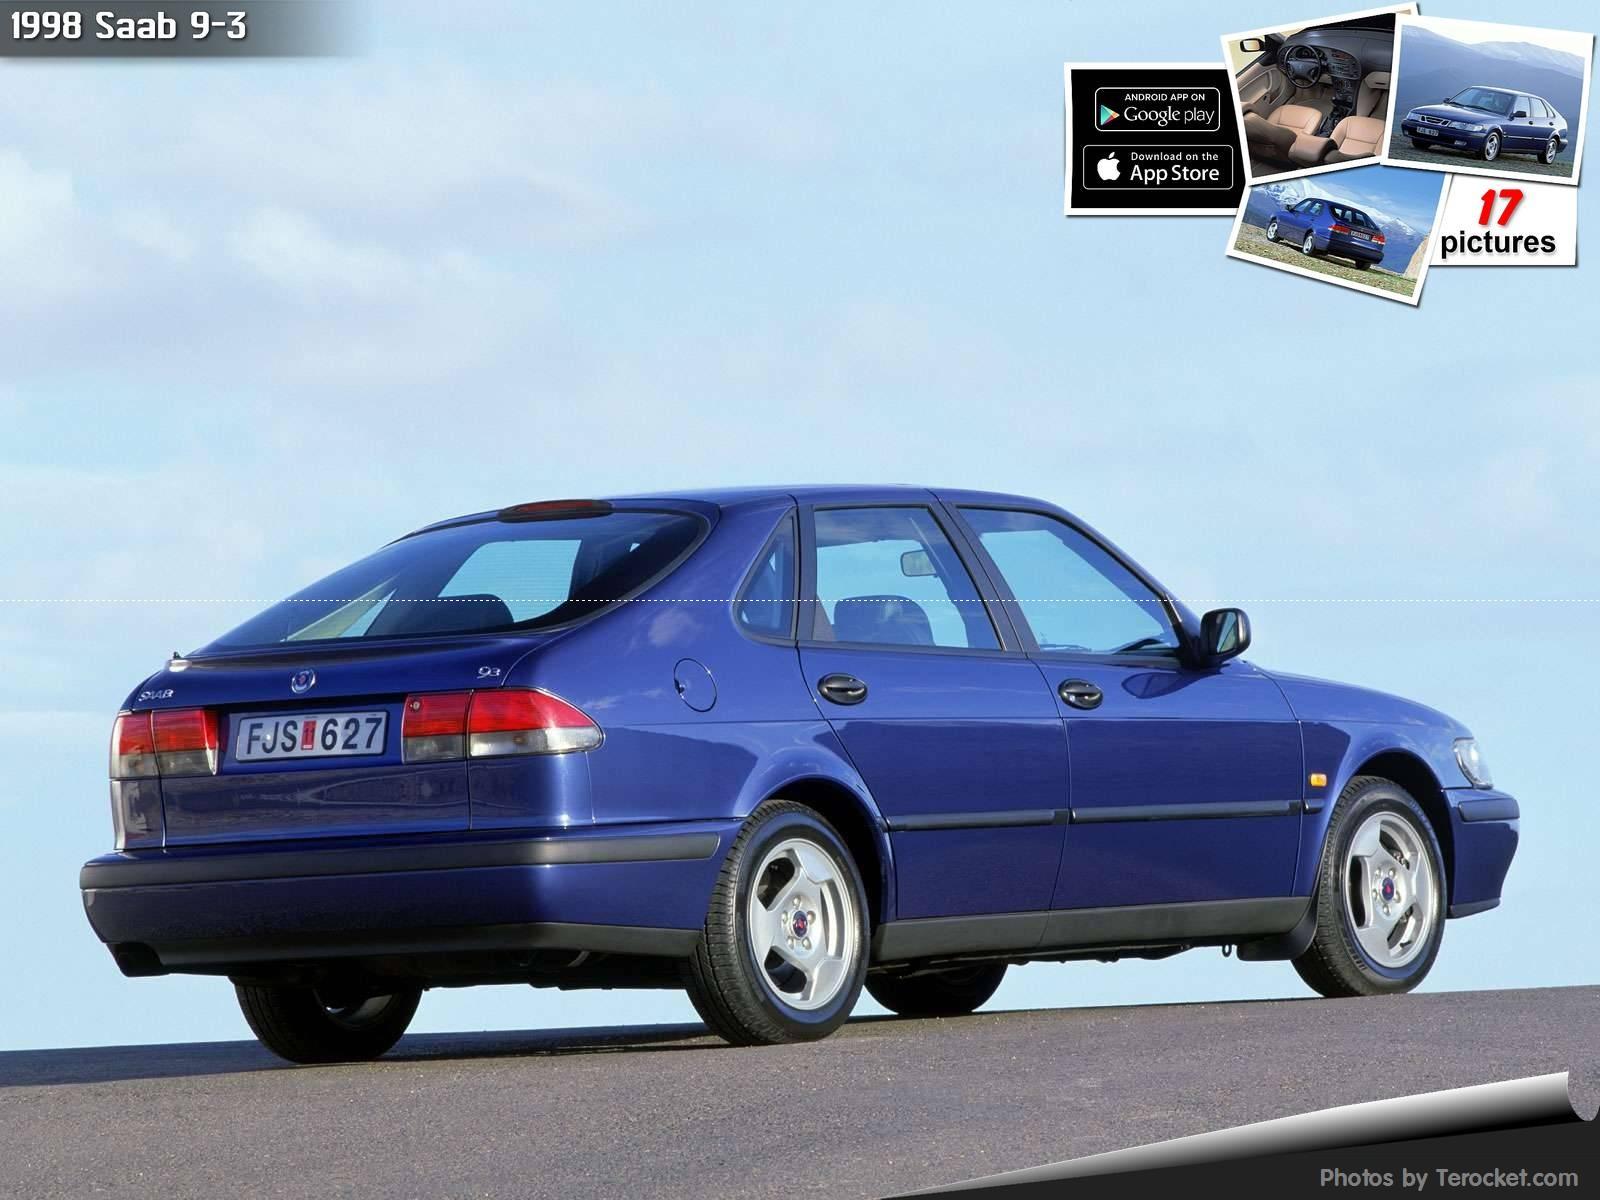 Hình ảnh xe ô tô Saab 9-3 1998 & nội ngoại thất